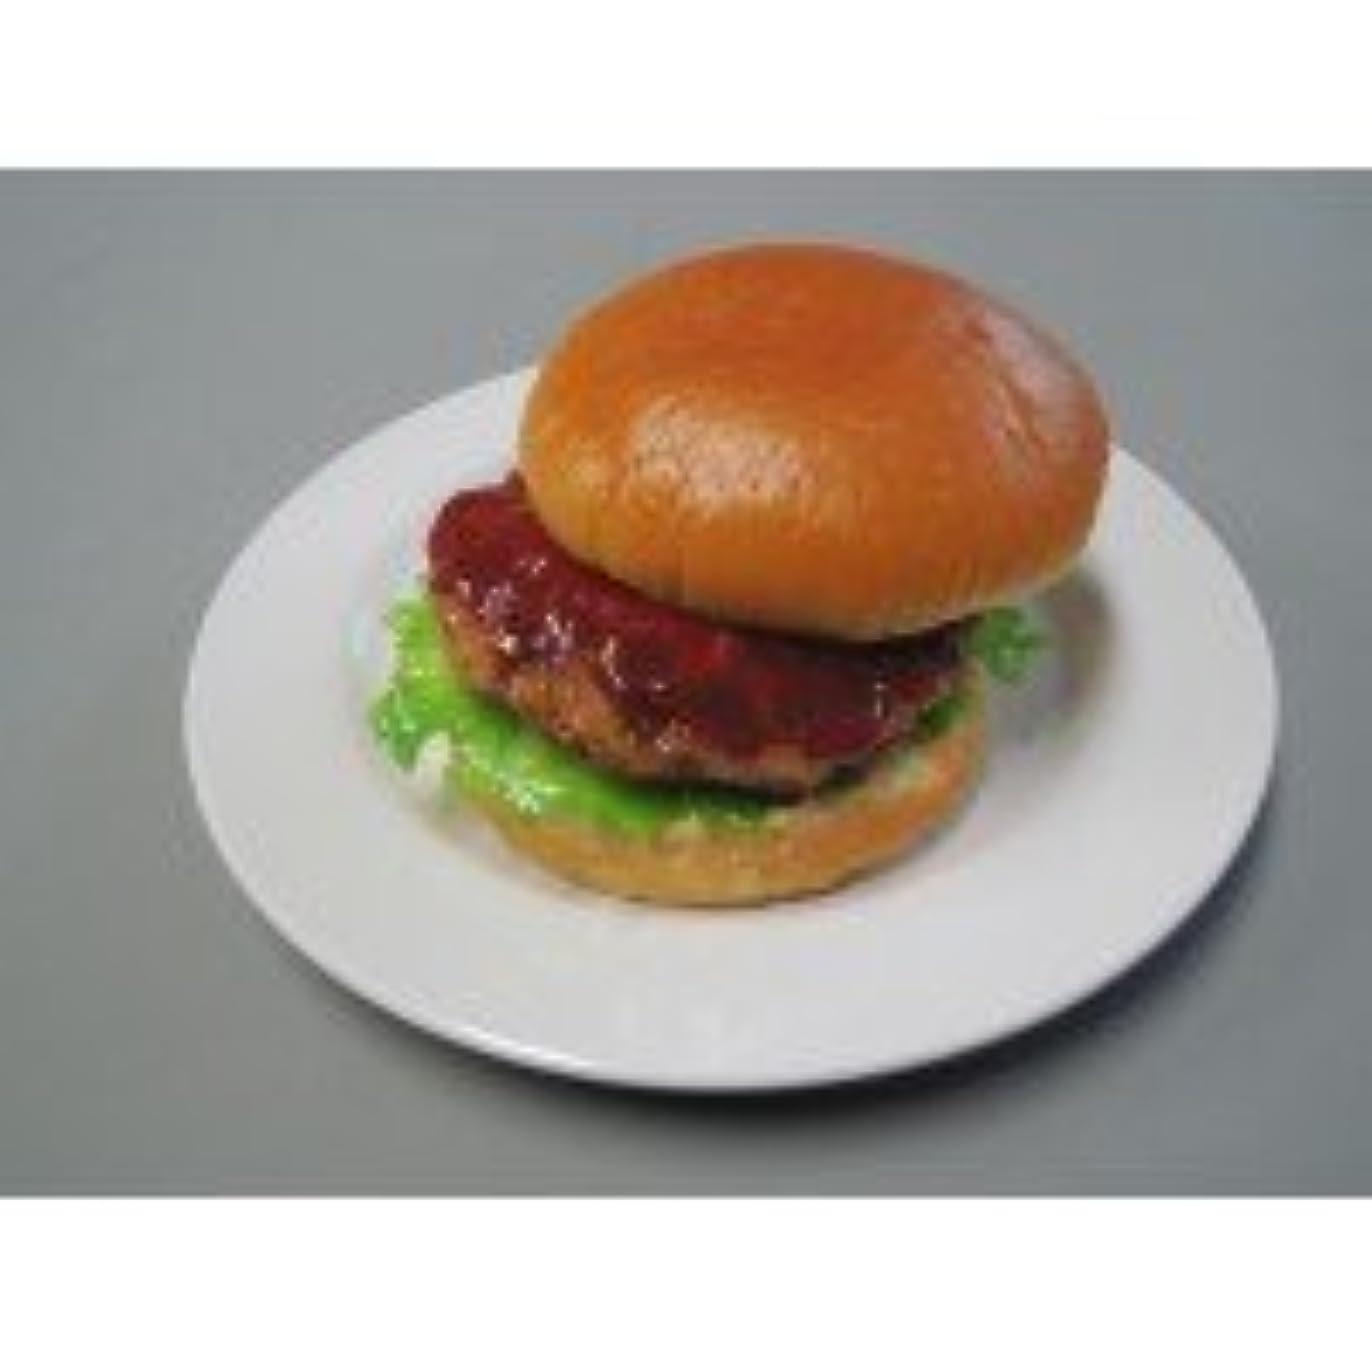 穿孔する誠意殺人者日本職人が作る 食品サンプル ハンバーガー IP-198